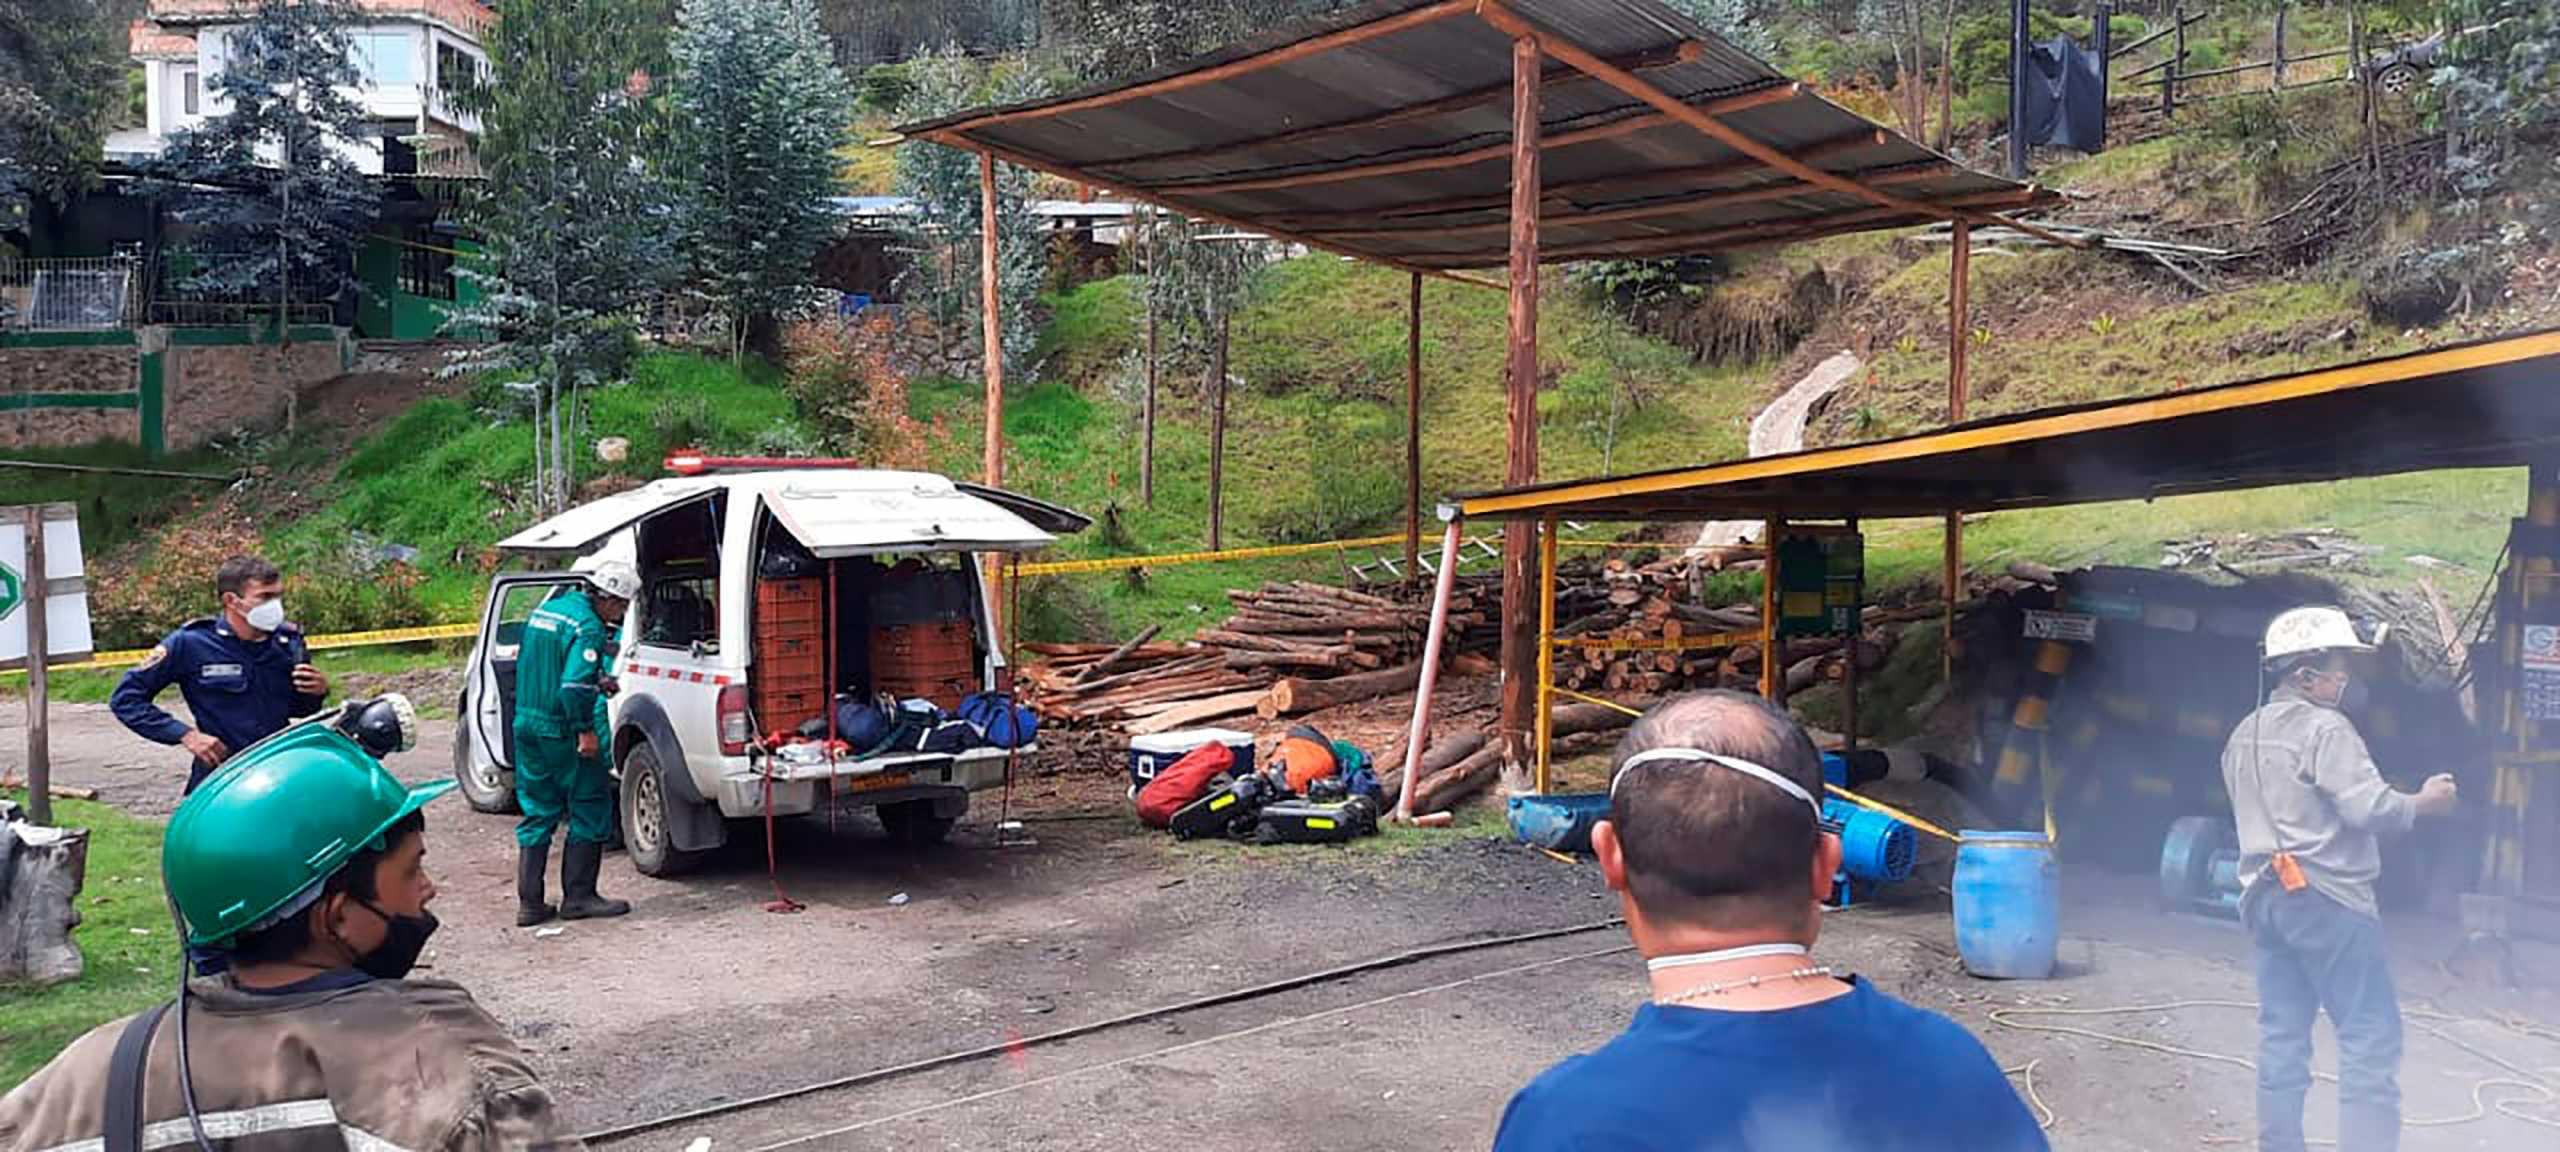 Κολομβία: Δώδεκα νεκροί από έκρηξη σε παράνομο ανθρακωρυχείο